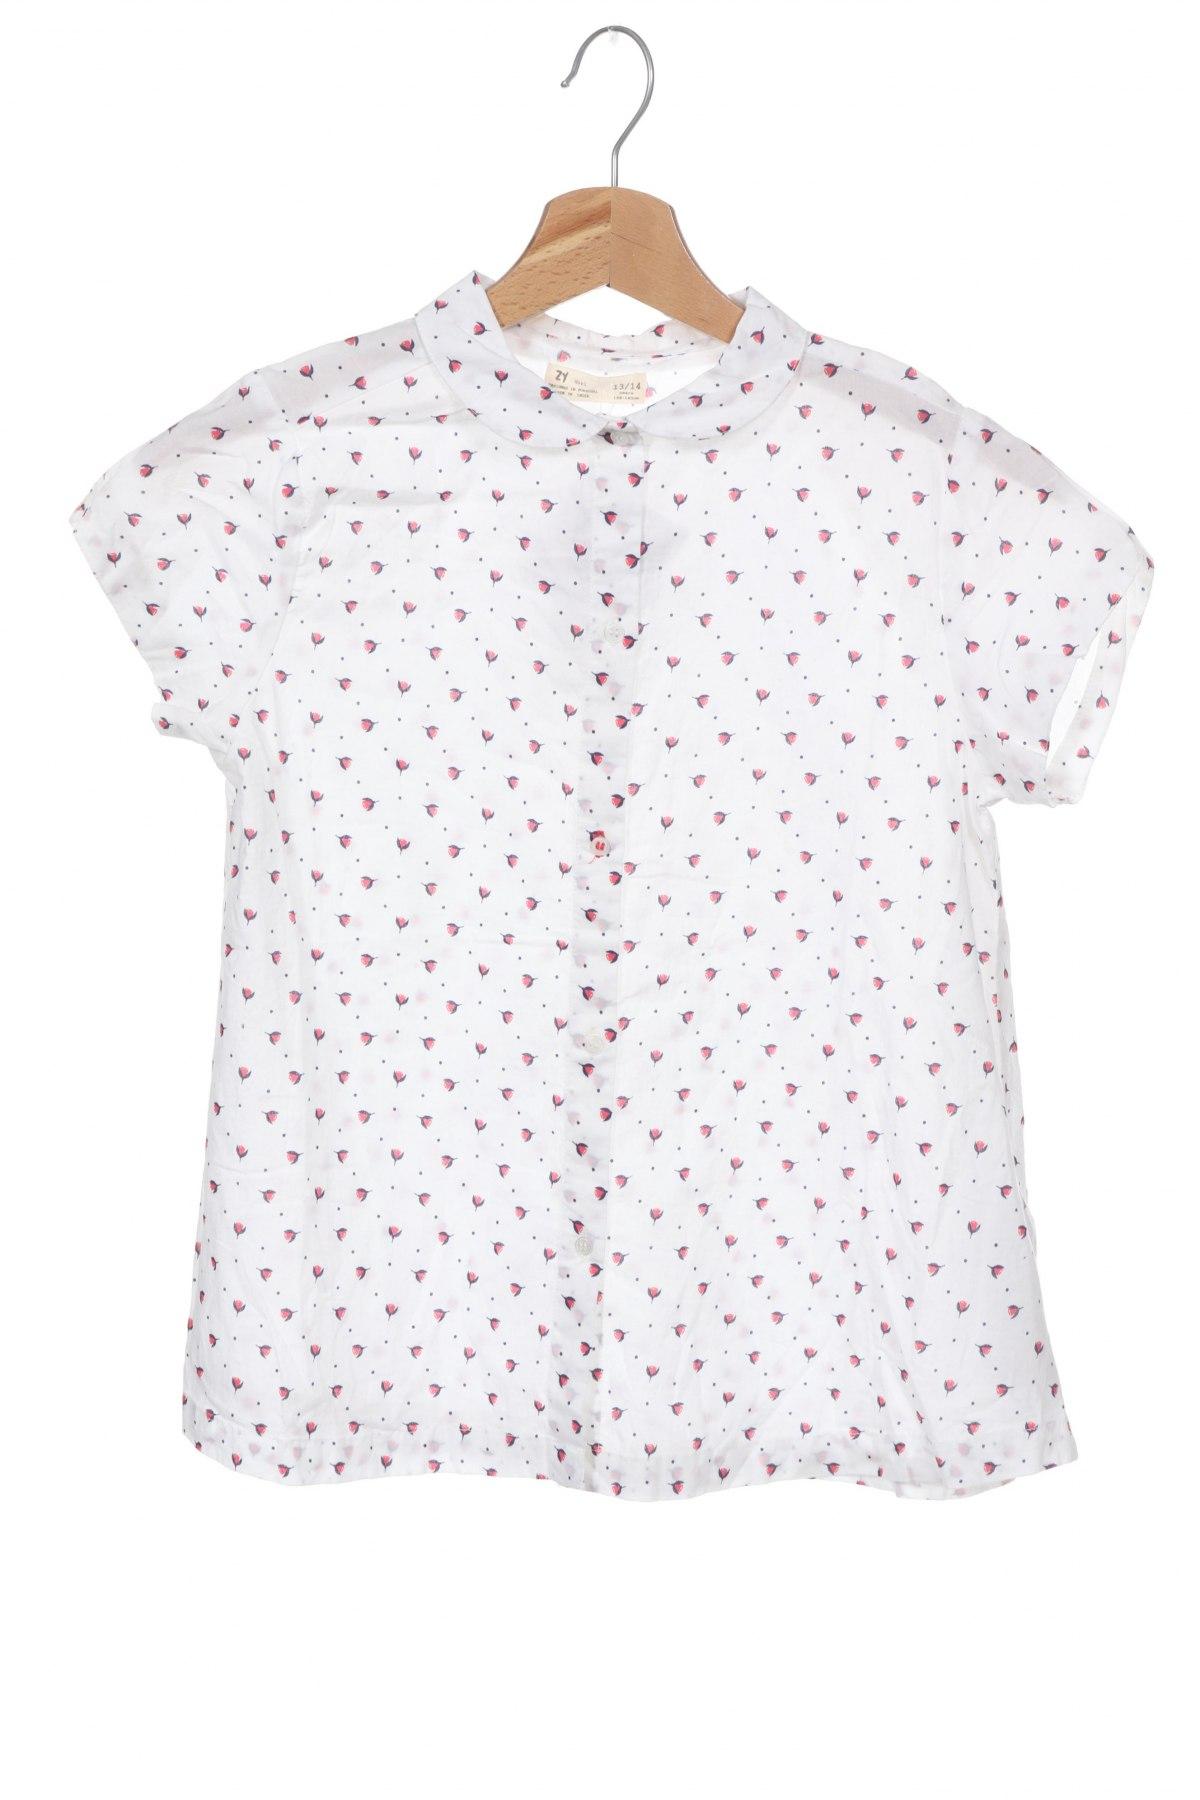 Παιδικό πουκάμισο ZY kids, Μέγεθος 12-13y/ 158-164 εκ., Χρώμα Λευκό, Βαμβάκι, Τιμή 9,80€